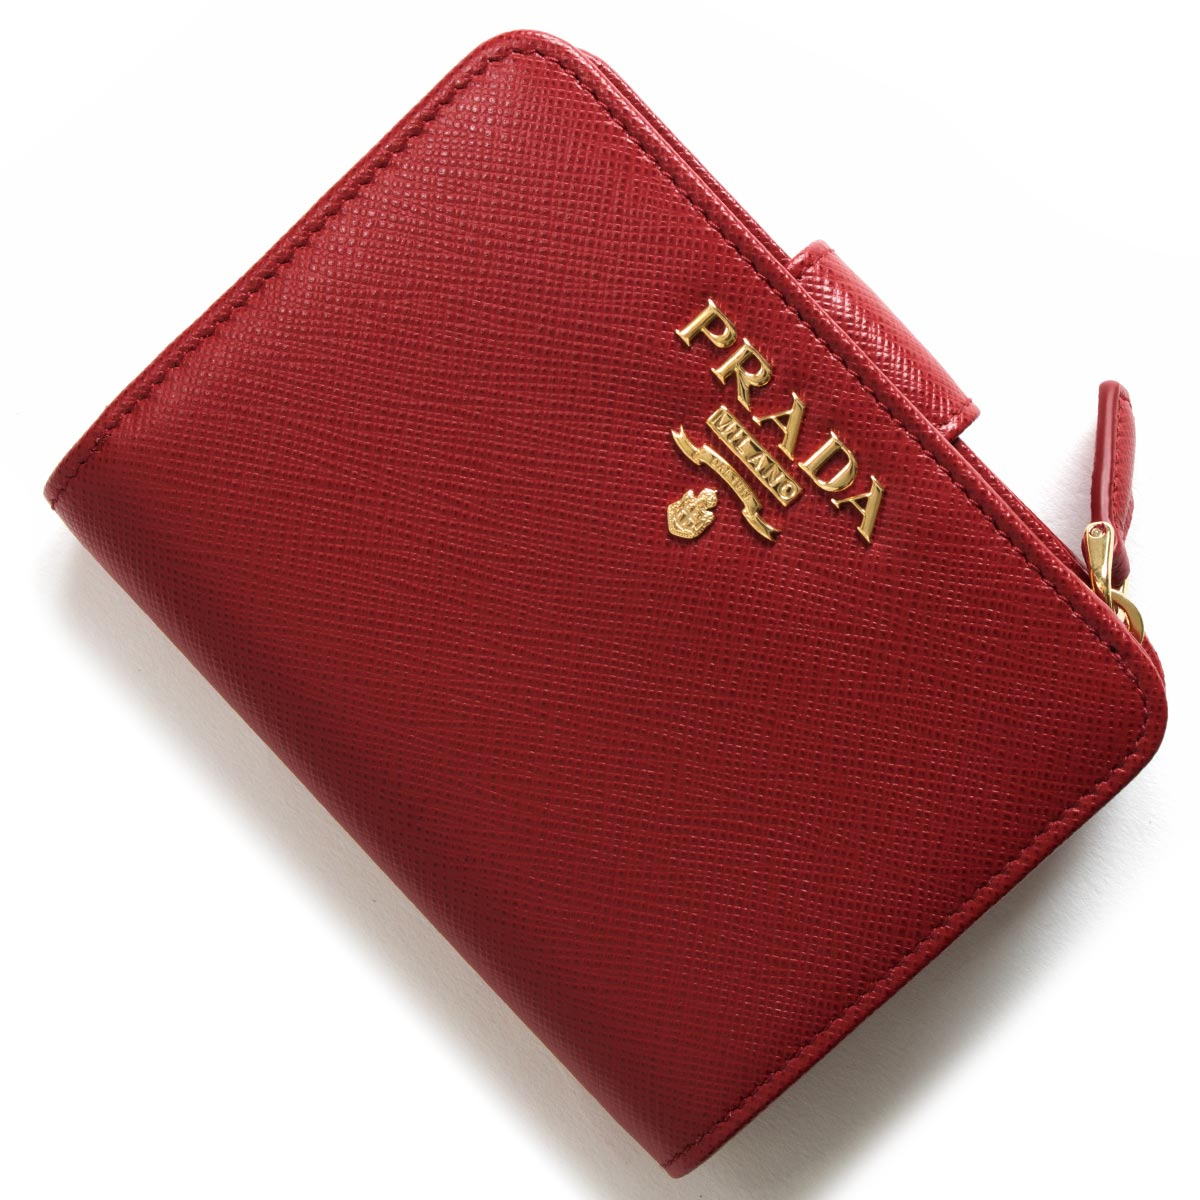 プラダ 二つ折り財布 財布 レディース サフィアーノ メタル フォーコレッド 1ML018 QWA F068Z PRADA